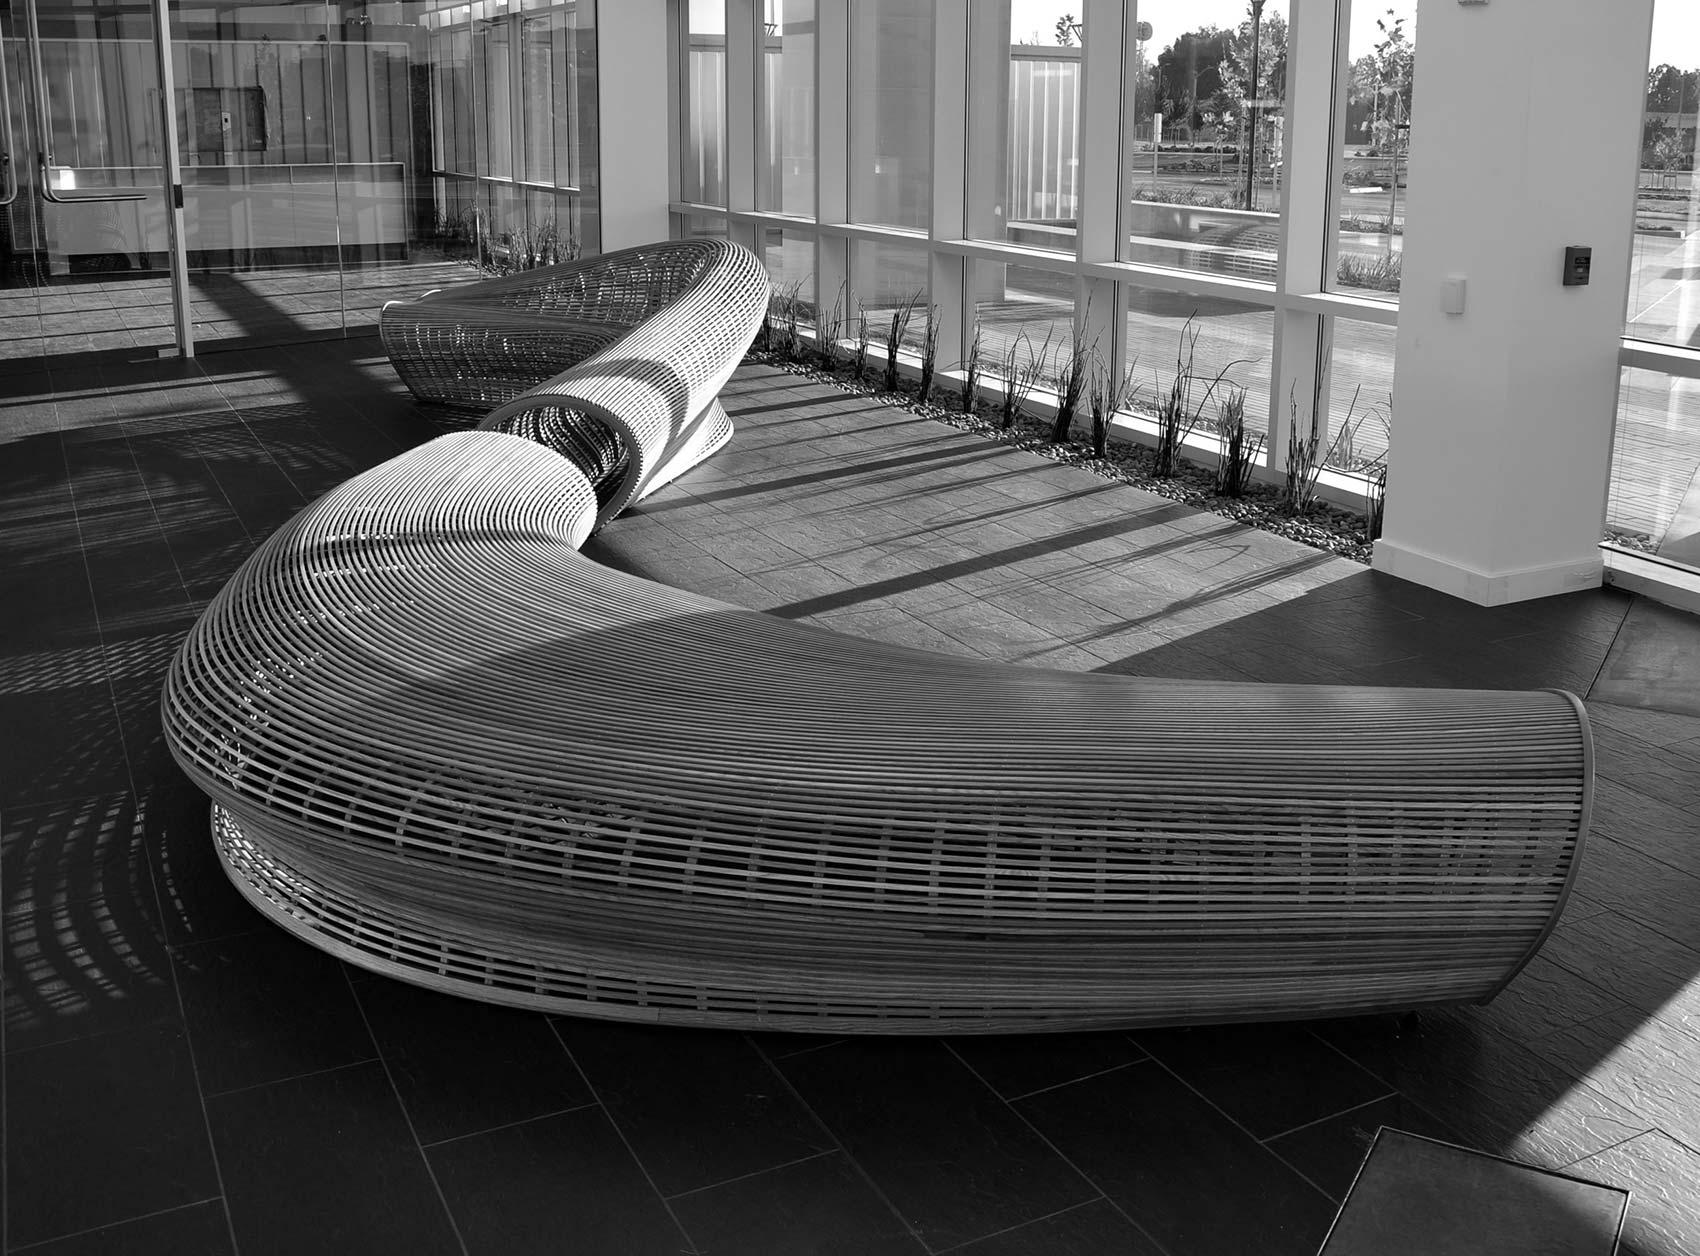 Spill II banco de diseño paramétrico realizado por el diseñador américano Matthias Pliessing